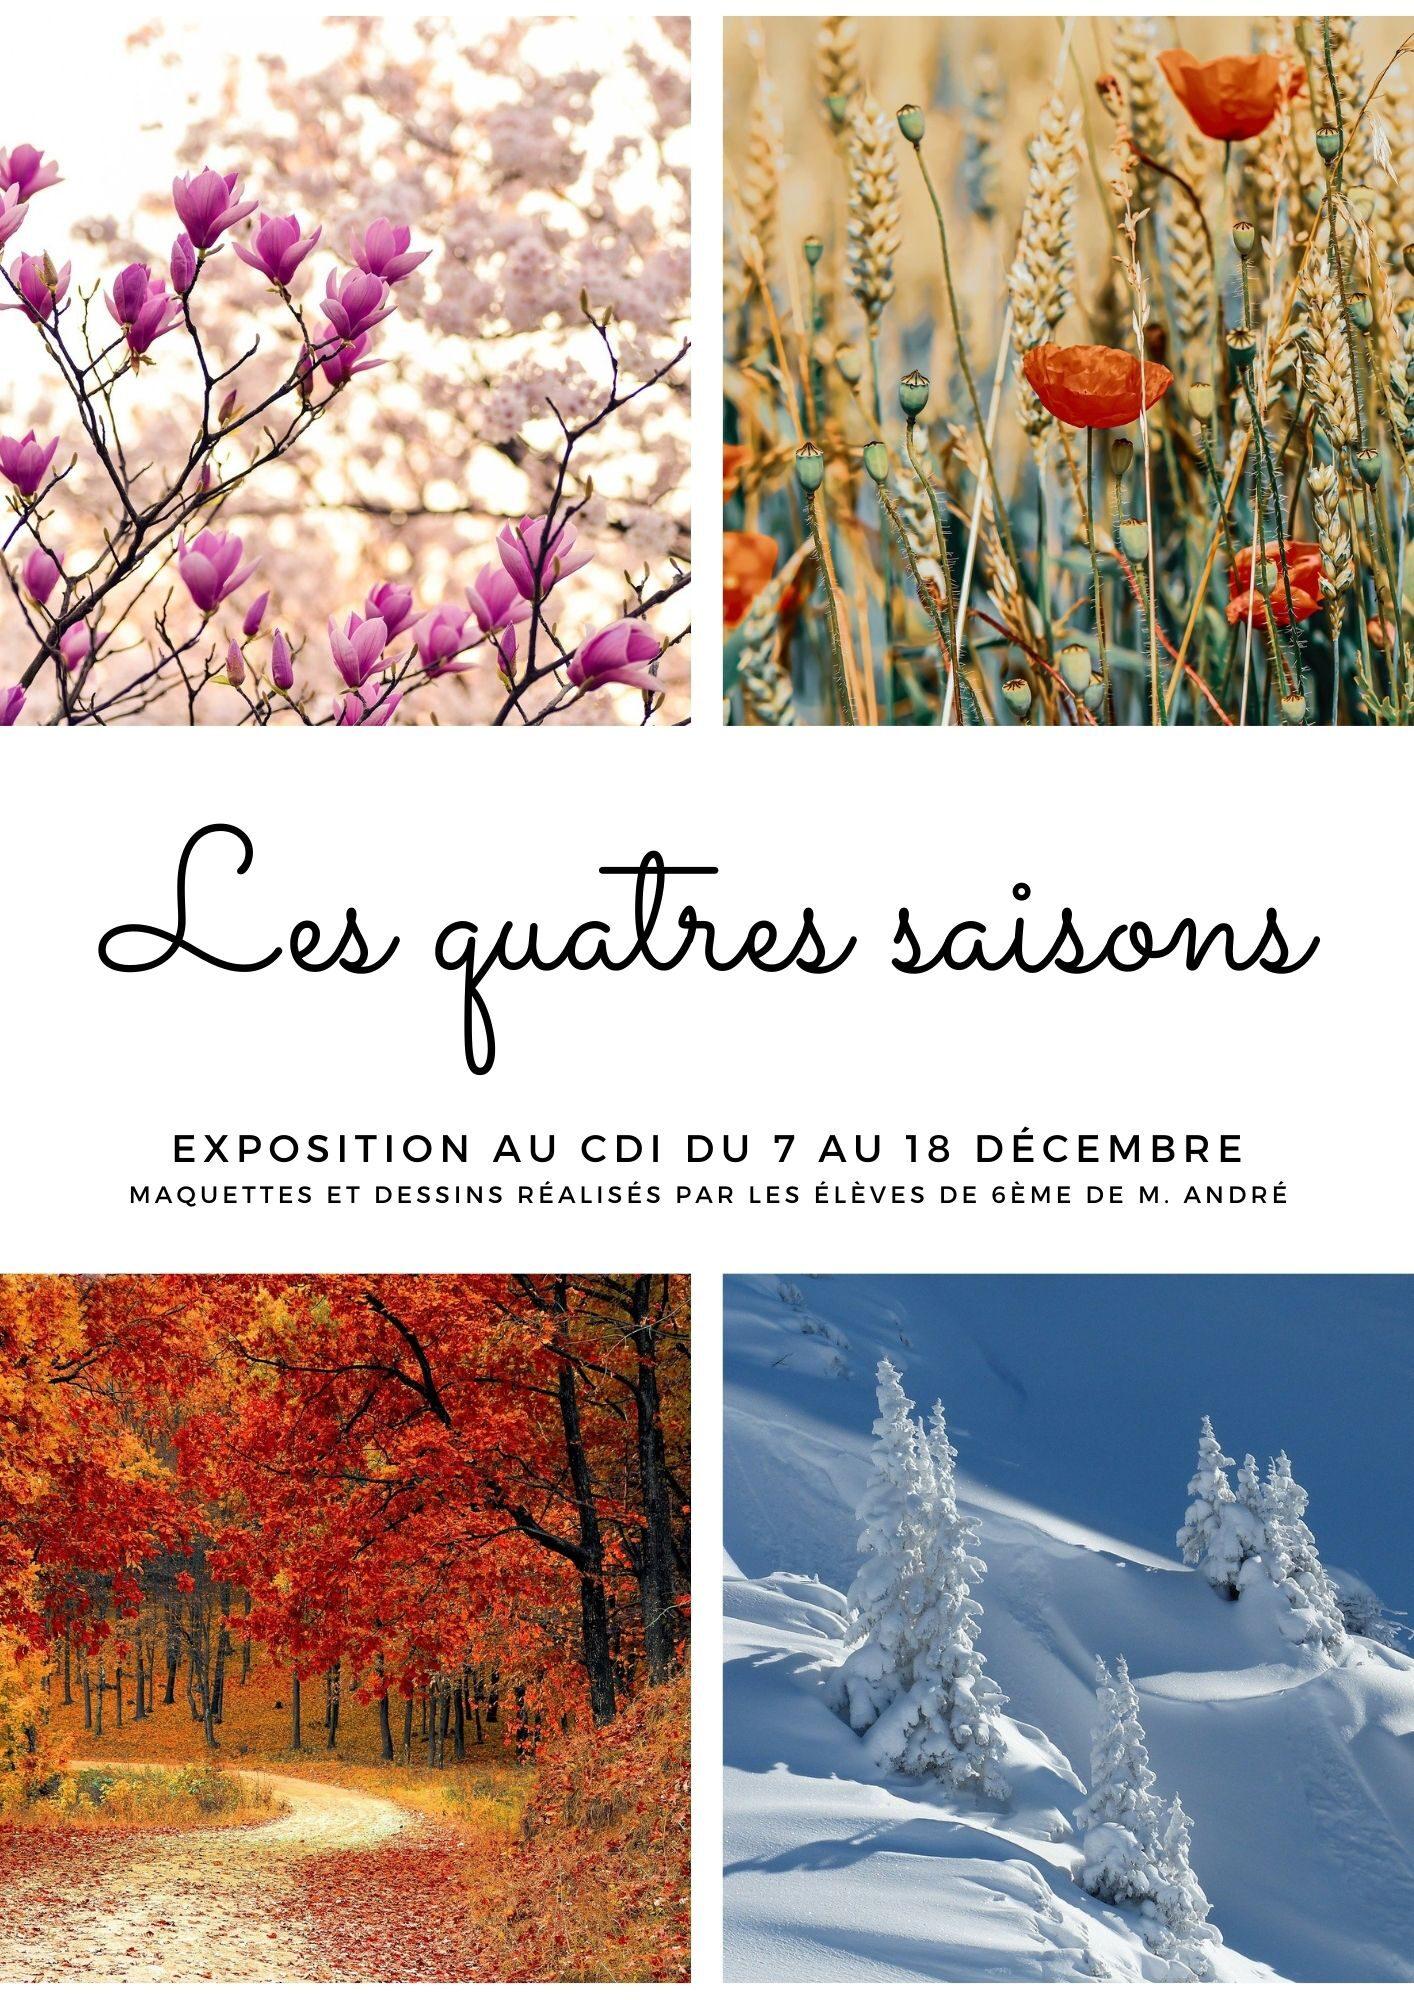 Affiche expositions les saisons.jpg